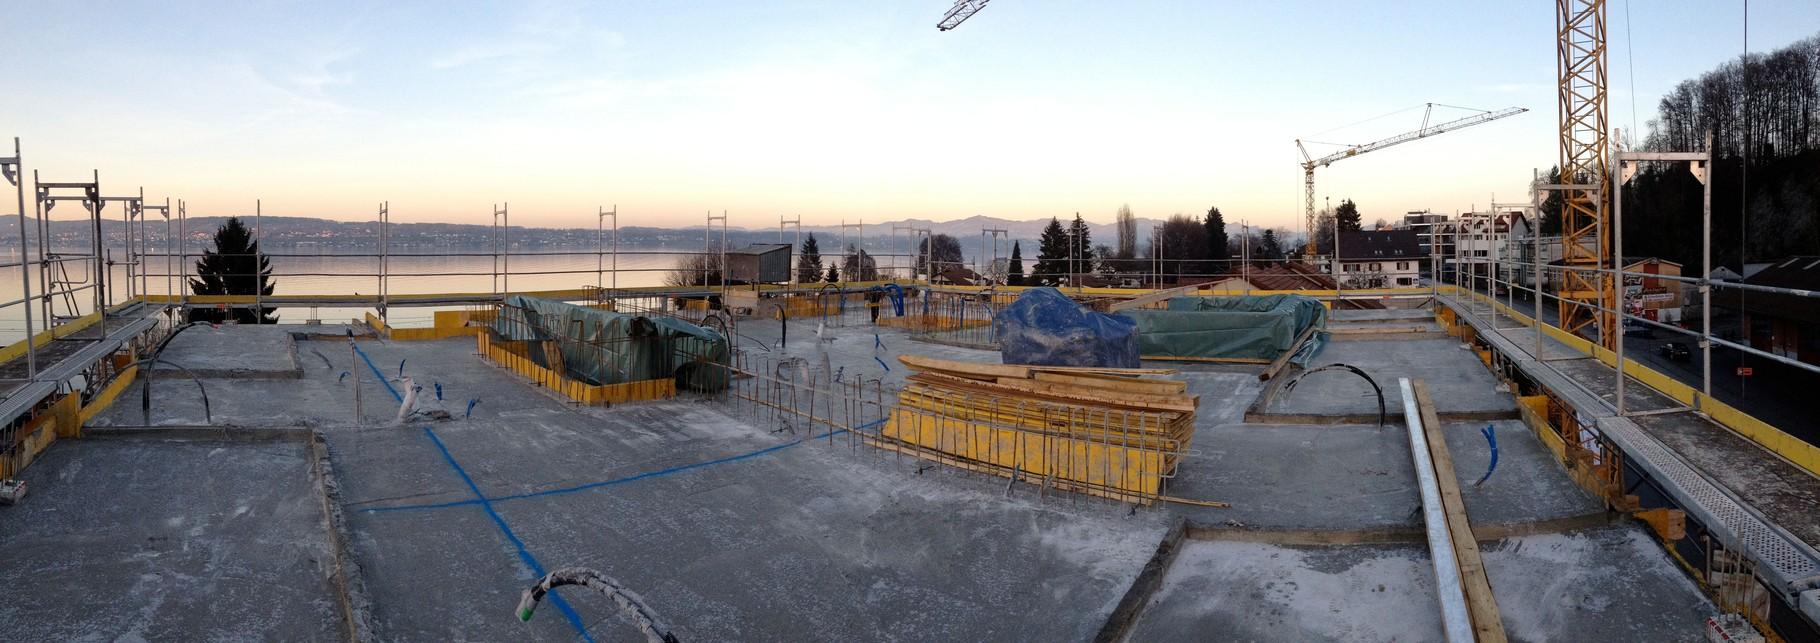 2015-12-19 Decke 2.OG betoniert